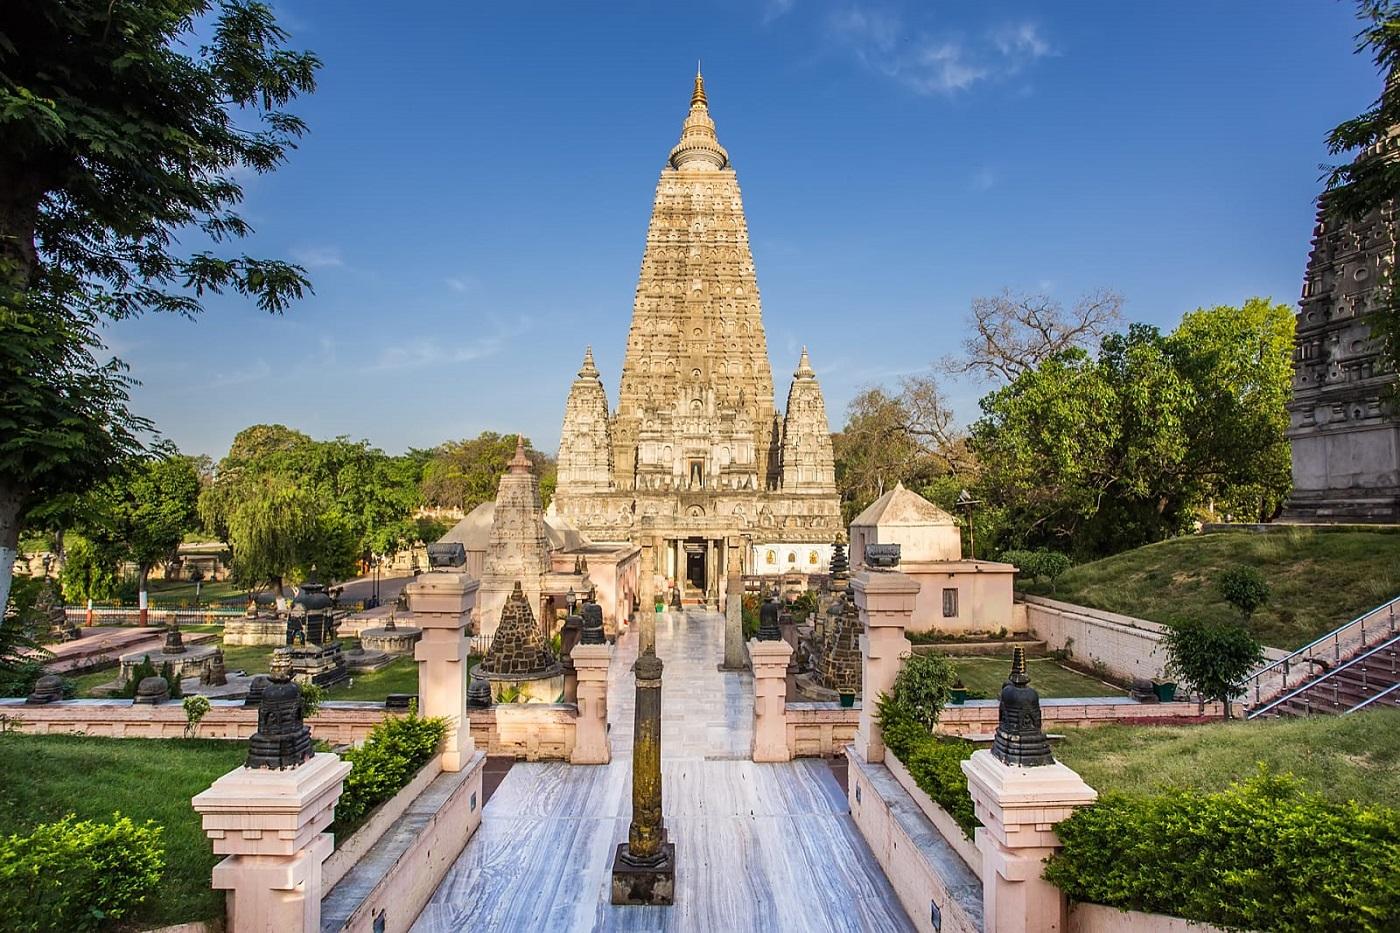 Phật giáo và văn hóa Ấn Độ:  Một cuộc hôn nhân bền chặt